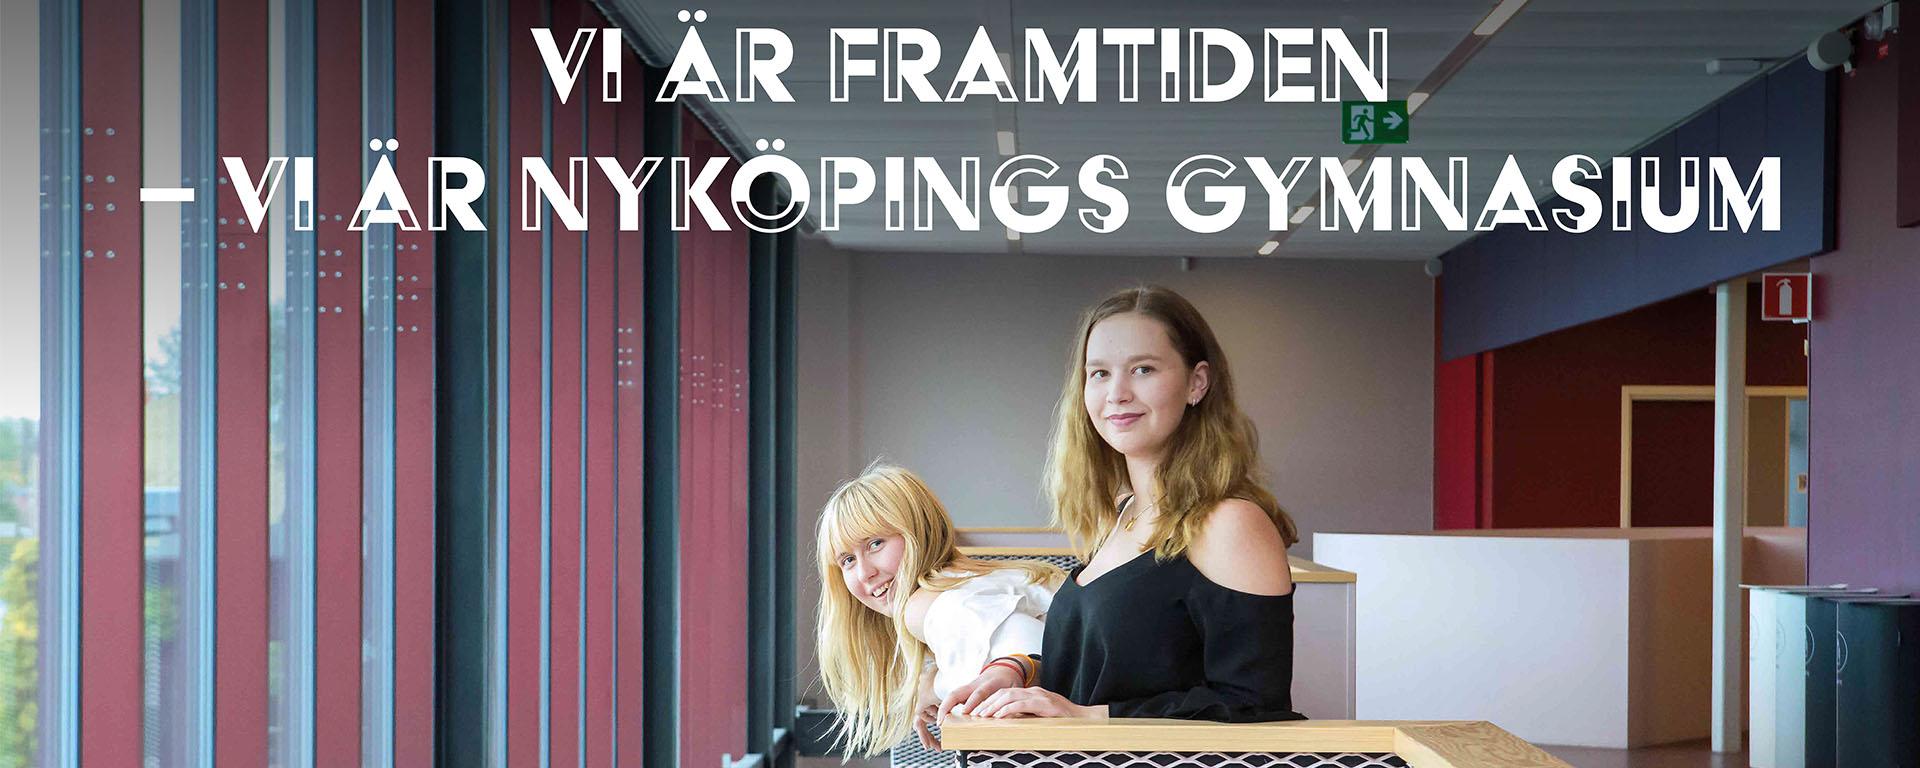 Vkontakte vk, Träffa Tjejer I Göteborgs Carl Johan, Kungsängen singel kvinna : Haggesgolf